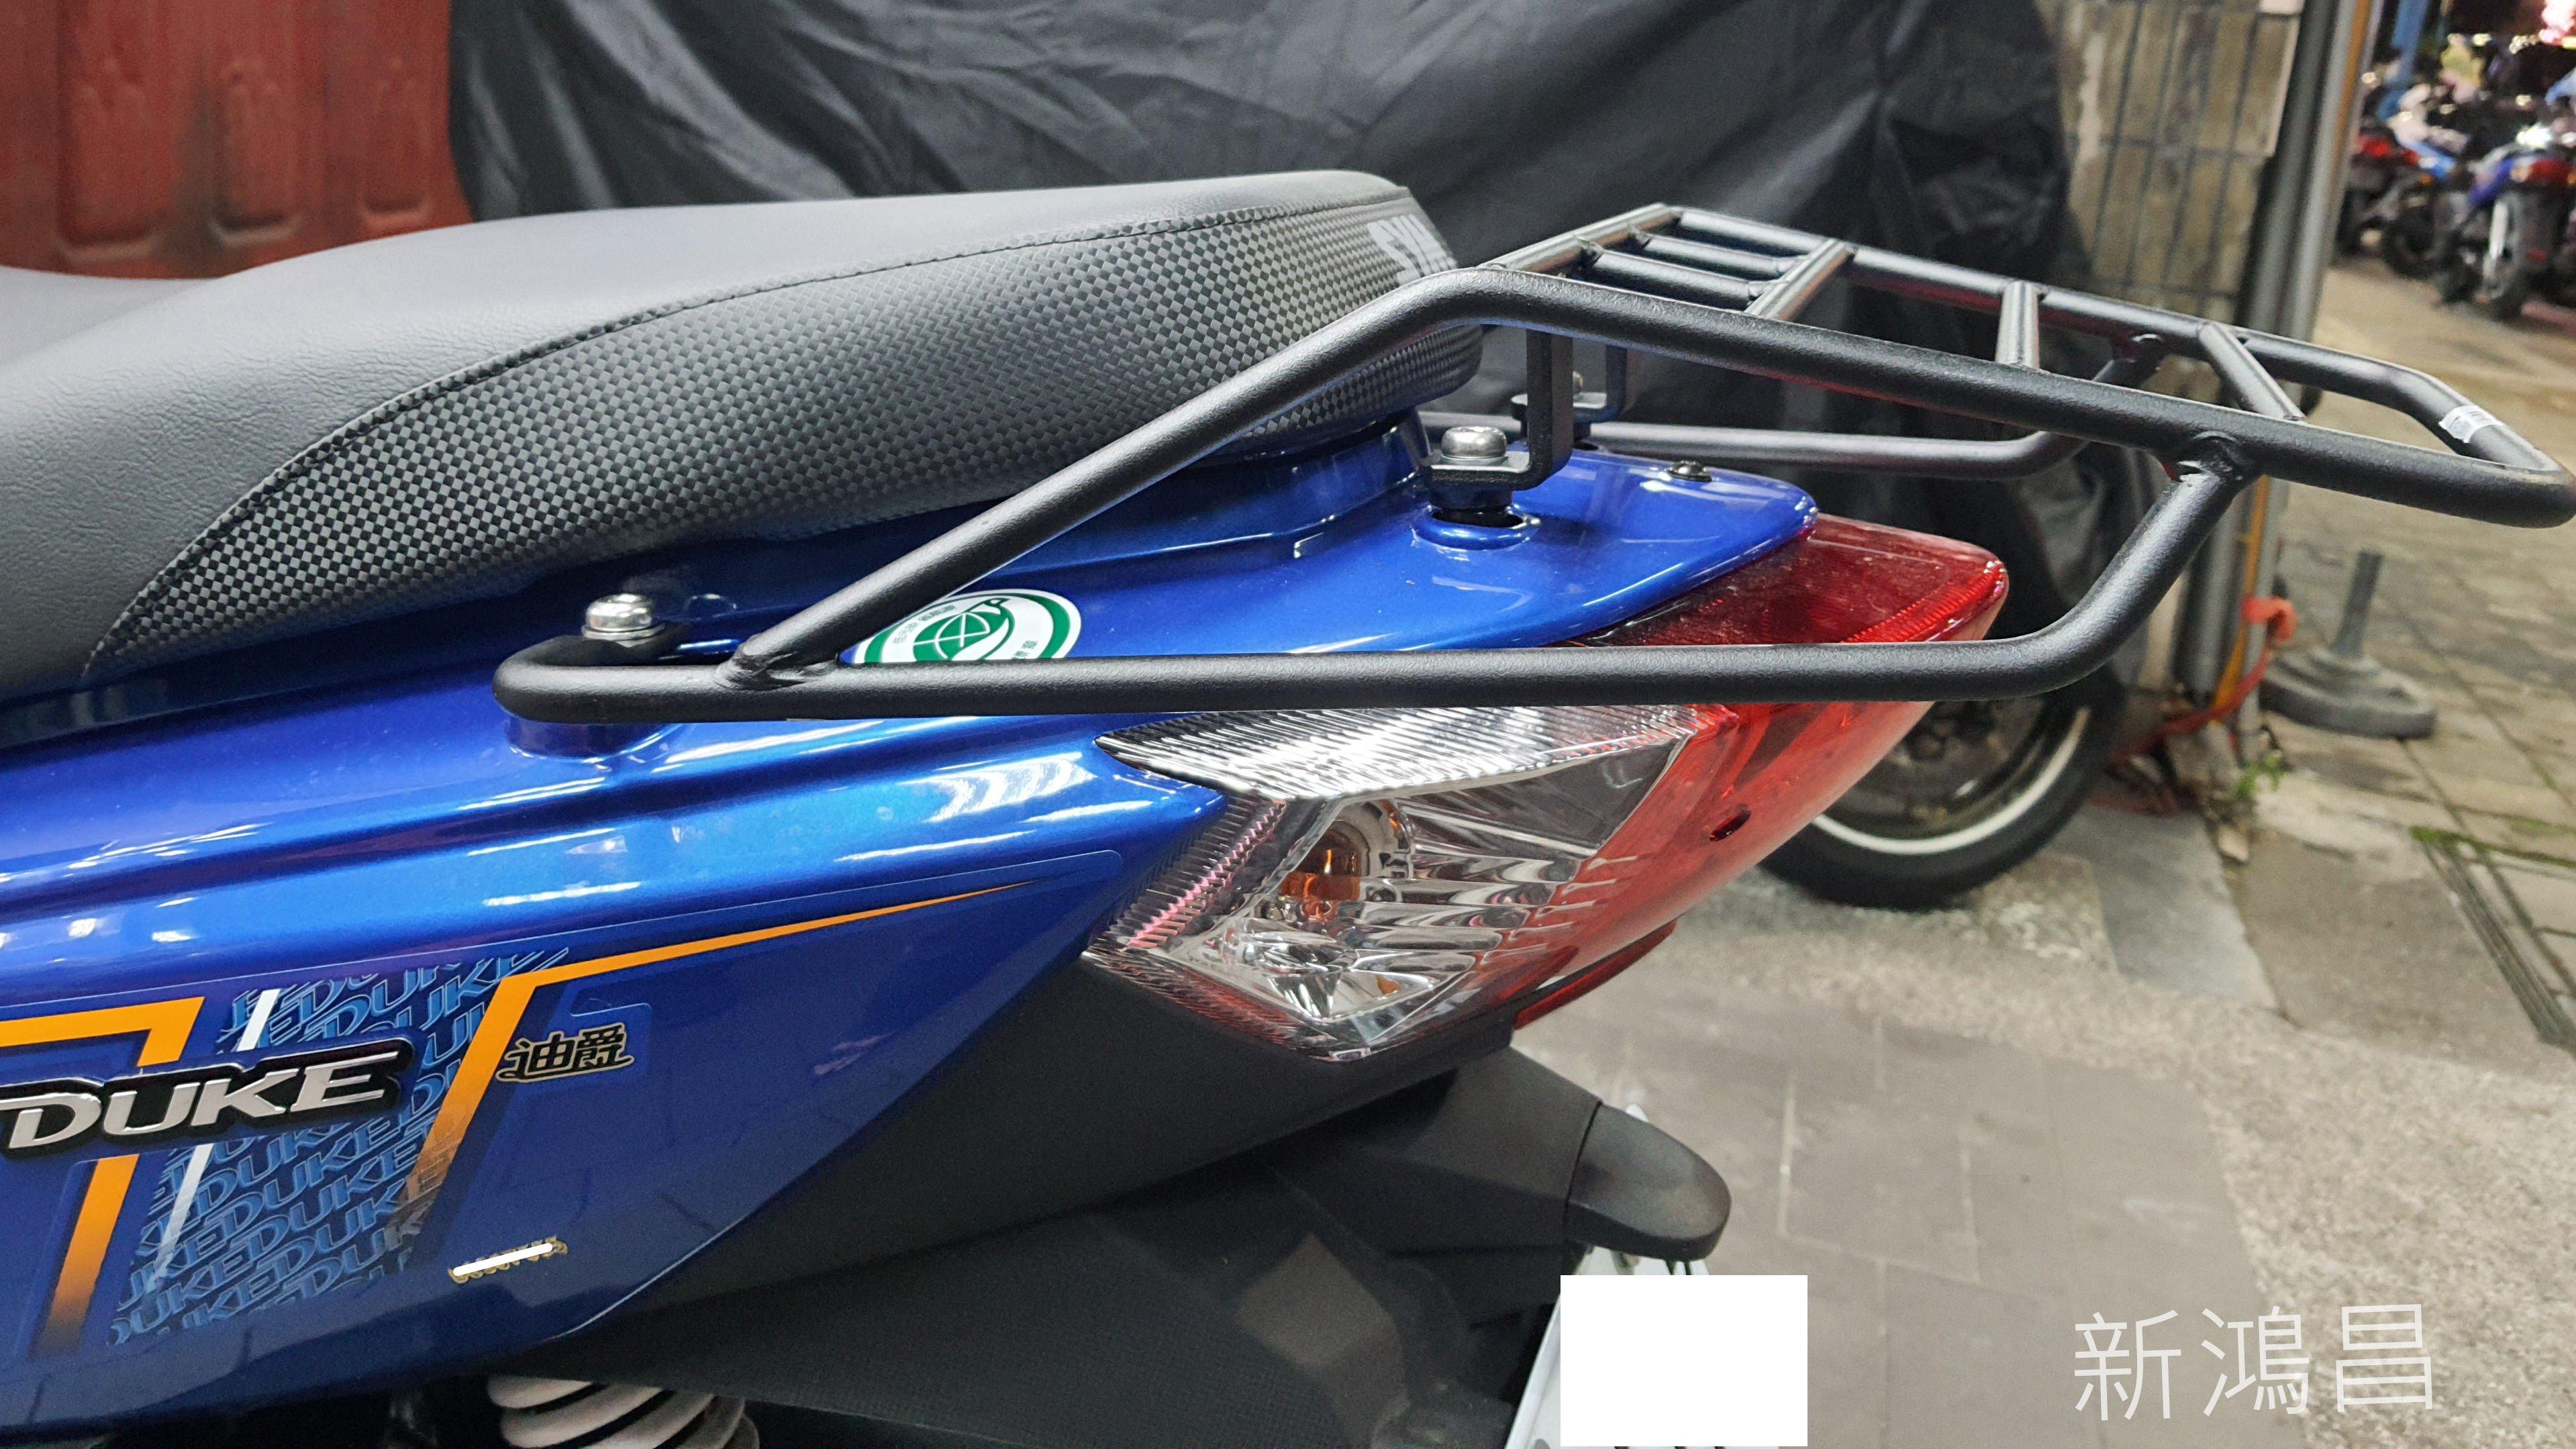 【新鴻昌】GT125/150 GT SUPER GT SUPER2 風動125新迪爵後架行李架後置物架 後貨架 後箱架